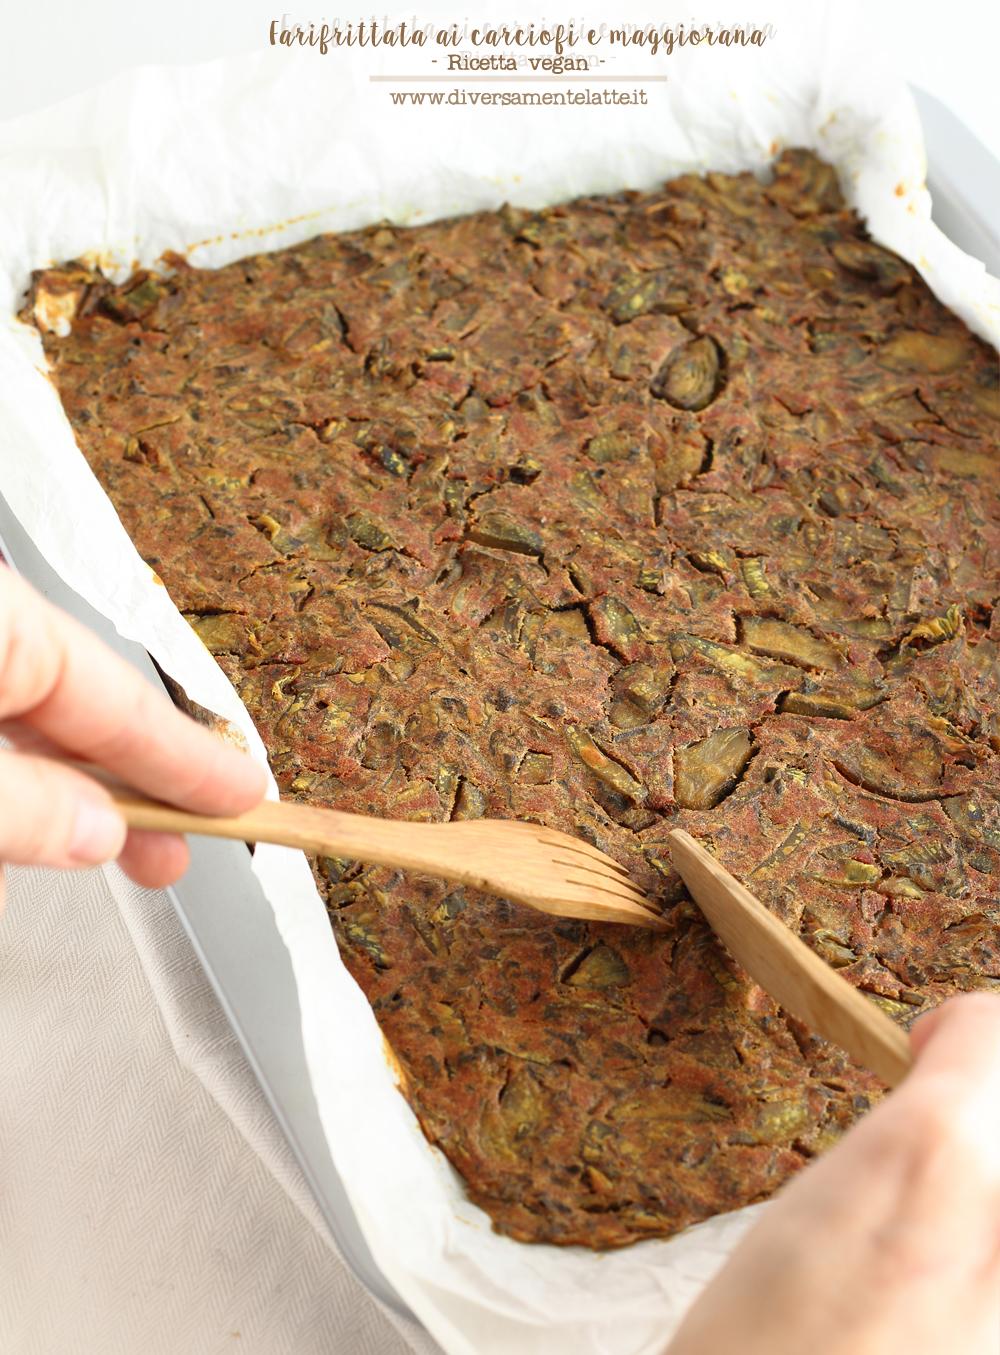 farifrittata-ai-carciofi-e-maggiorana ricetta vegan